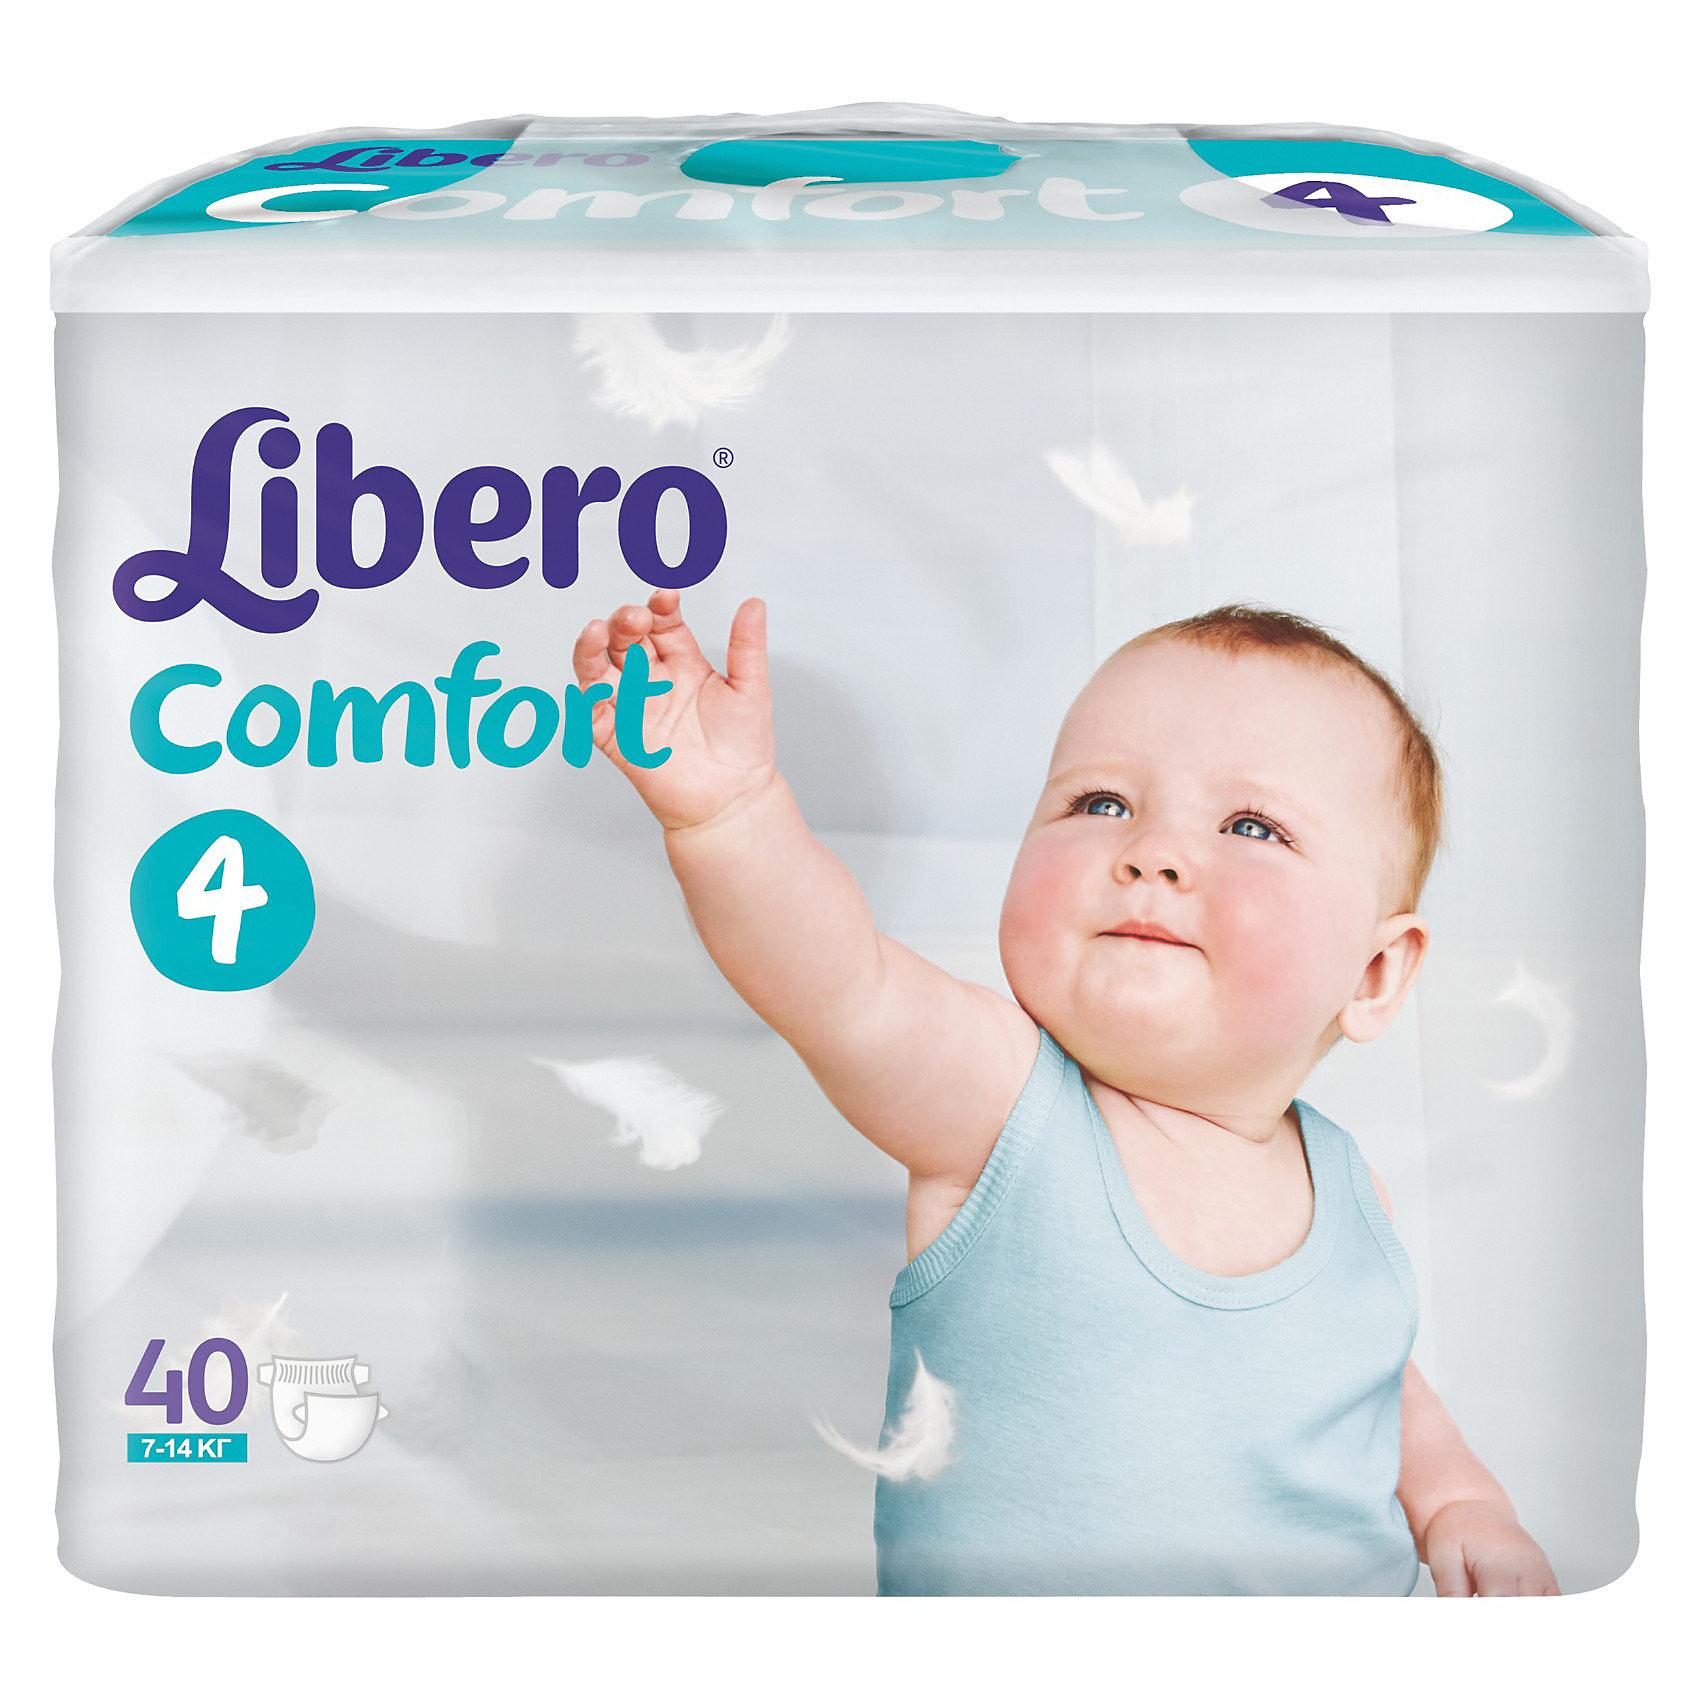 Подгузники Libero Comfort, Maxi 7-14 кг (4), 40 шт.Подгузники 5-12 кг.<br>Ультратонкие и мягкие подгузники с плотным абсорбционным слоем Libero Comfort (Либеро Комфорт), изготовленные из натуральных материалов, предотвращают возникновение сыпи и зуда, а также сохраняют кожу сухой в течение 12 часов. Широкие тянущиеся боковинки и эластичный поясок обеспечивают комфортное прилегание и защищают от протеканий. Мягкие барьерчики анатомической формы вокруг ножек не натирают нежную кожу, а микроскопические отверстия обеспечивают циркуляцию воздуха, чтобы попка не сопрела. На поясе расположен цветной индикатор, который поможет подобрать памперс по размеру: в правильном положении застежки должны находиться по центру.<br><br>Дополнительная информация:<br><br>- Размер: 4, Maxi 7-14 кг<br>- В упаковке: 40 шт. <br><br>Подгузники Libero Comfort (Либеро Комфорт), Maxi 7-14 кг (4), 40 шт. можно купить в нашем интернет-магазине.<br><br>Ширина мм: 127<br>Глубина мм: 285<br>Высота мм: 218<br>Вес г: 1400<br>Возраст от месяцев: 6<br>Возраст до месяцев: 36<br>Пол: Унисекс<br>Возраст: Детский<br>SKU: 3517616